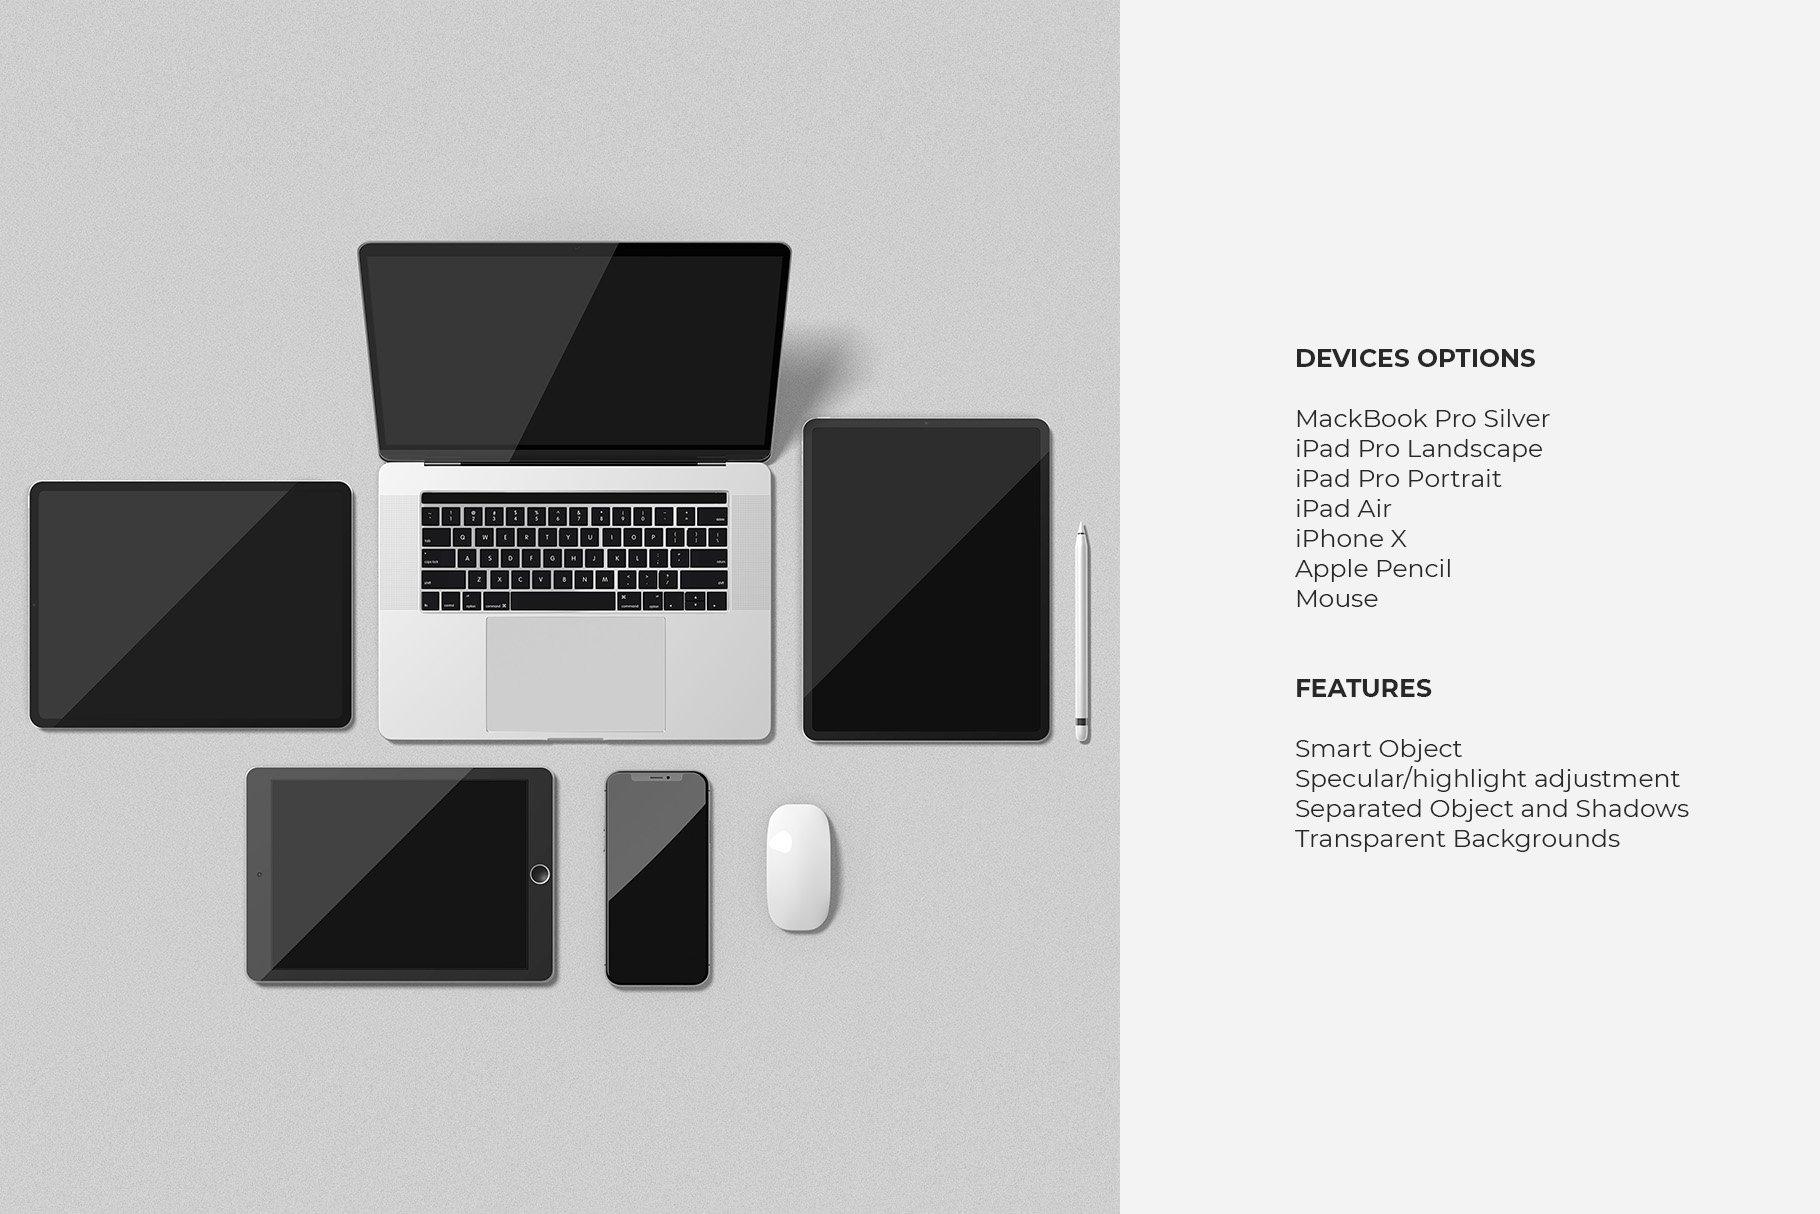 12个时尚简约品牌Logo设计办公用品展示贴图样机模板套装 Branding Mockup Scene Creator插图12